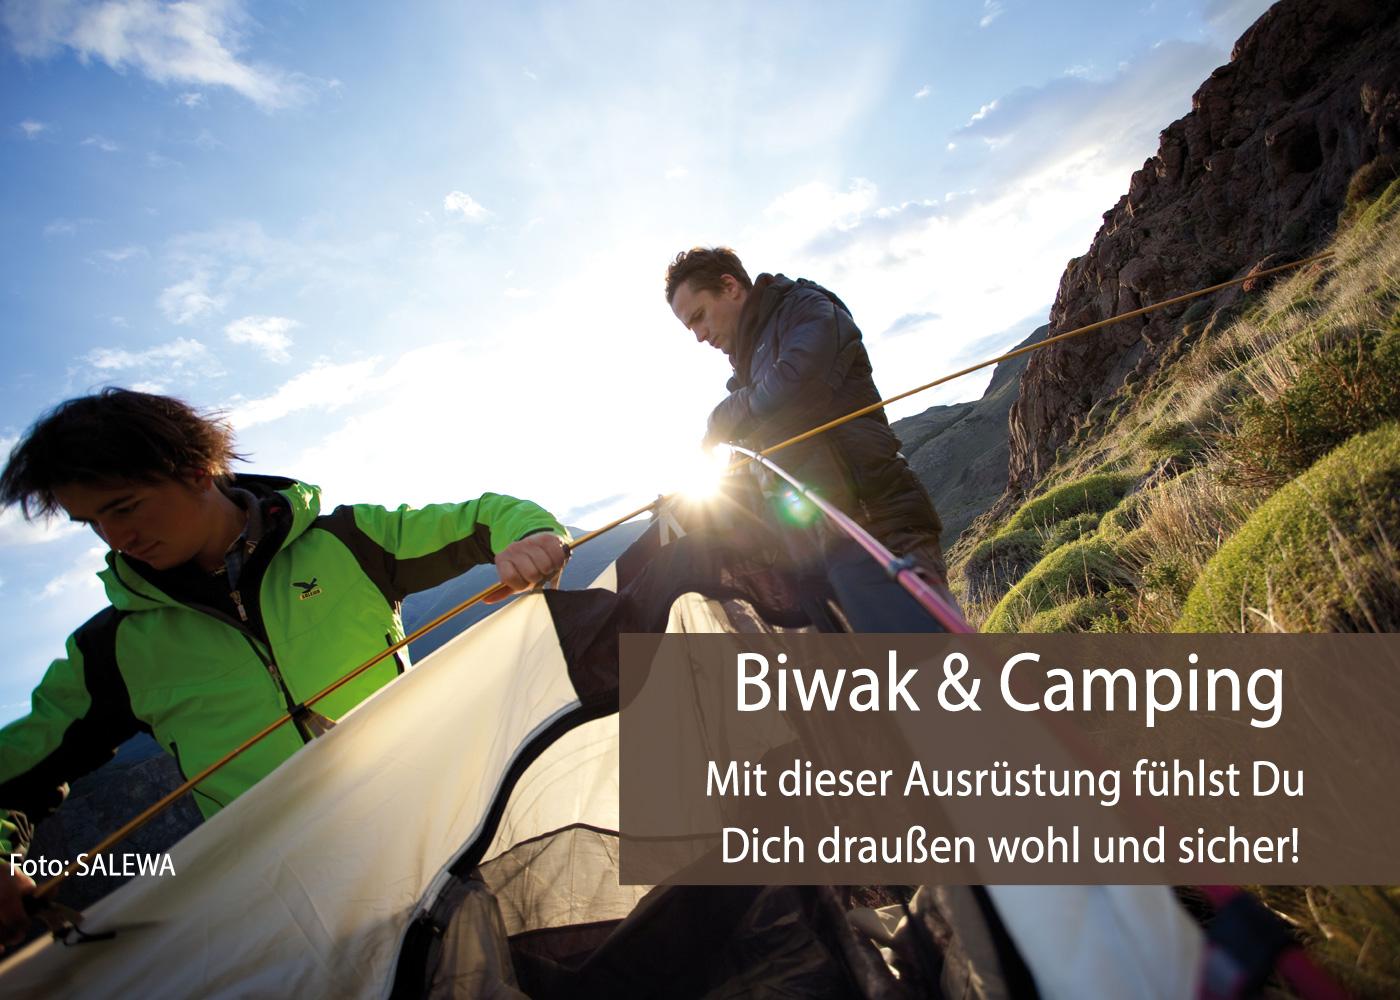 Biwak & Camping